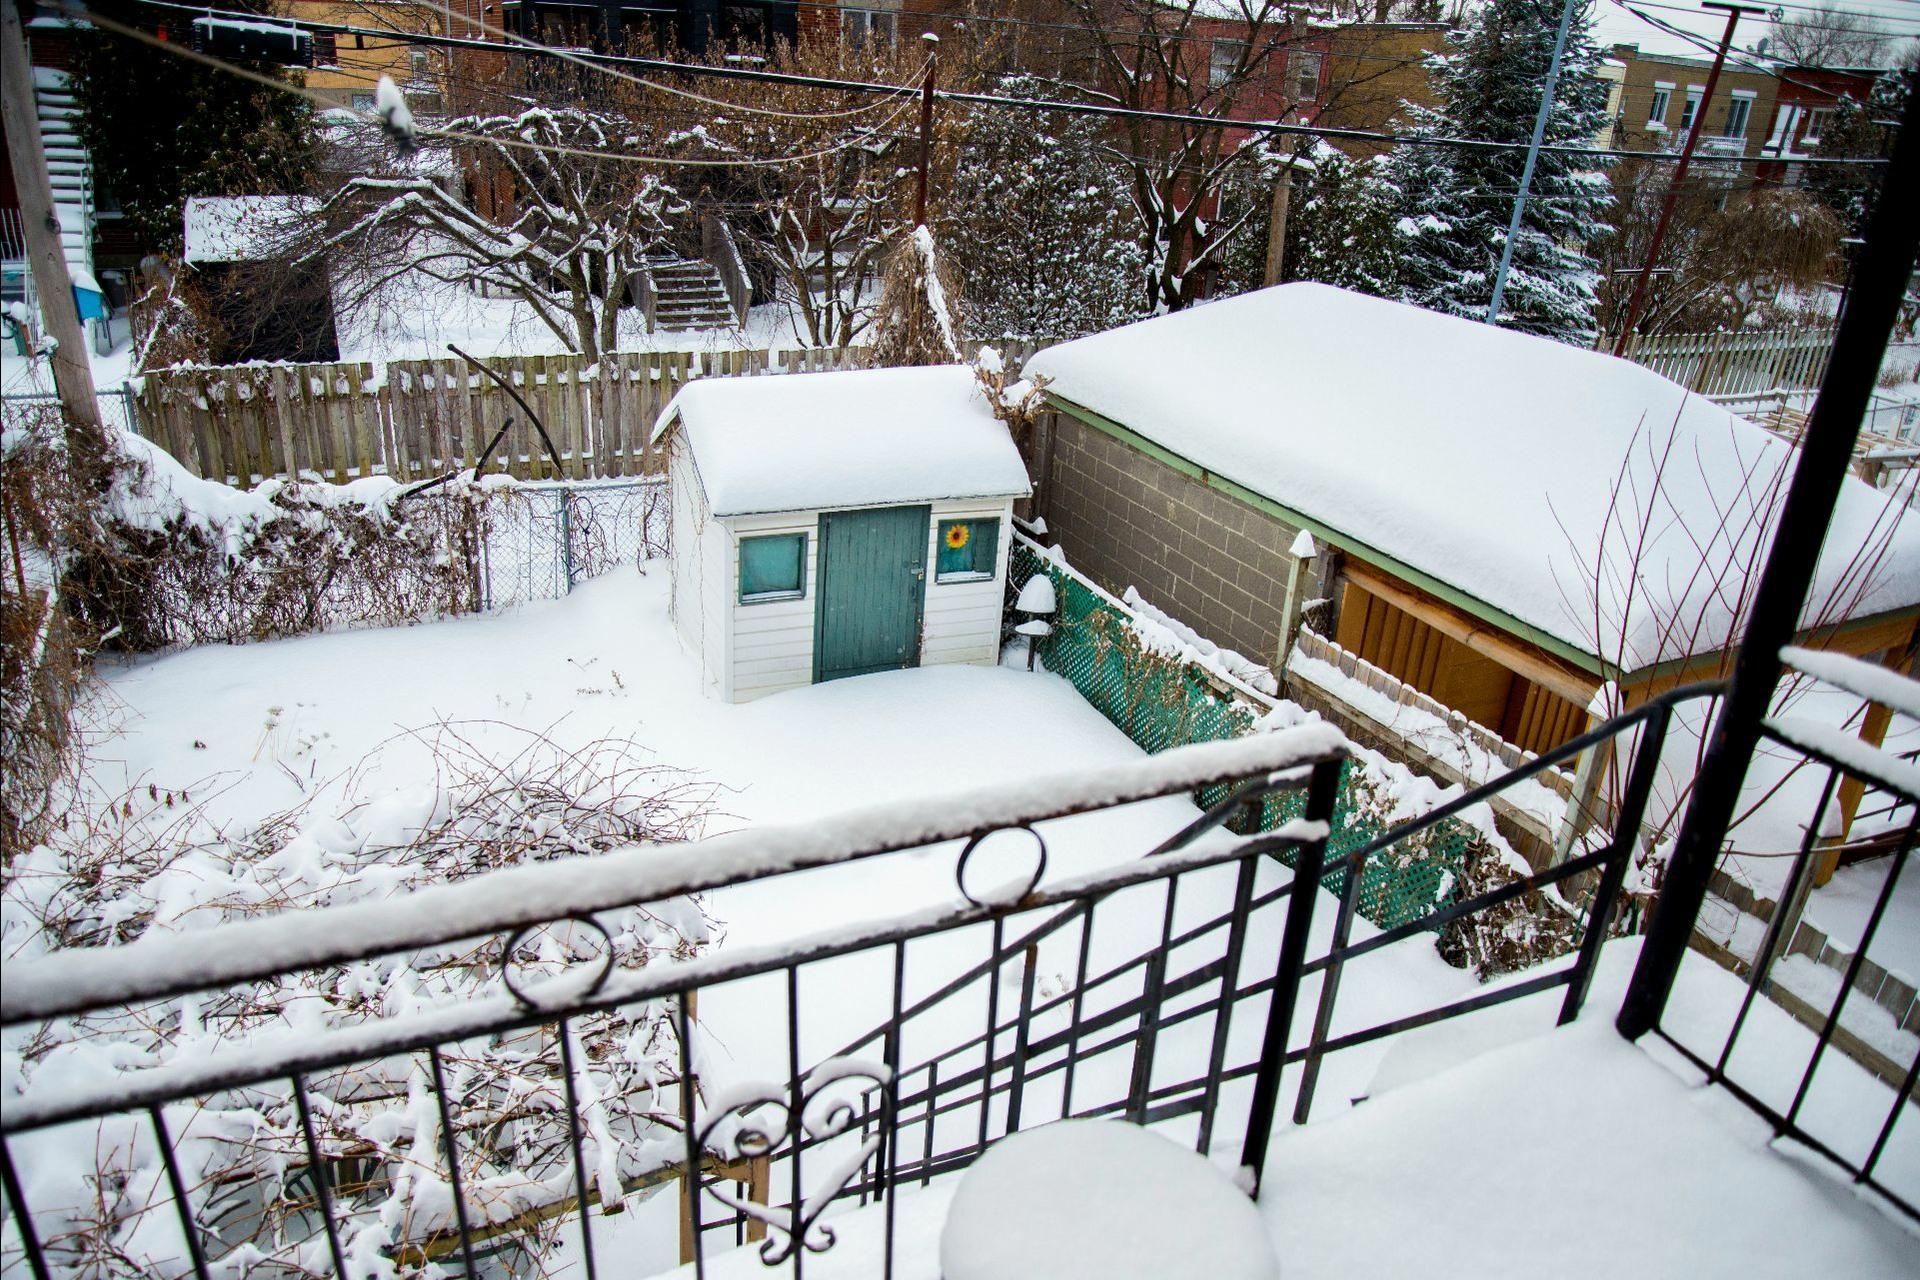 image 6 - Duplex À vendre Villeray/Saint-Michel/Parc-Extension Montréal  - 5 pièces